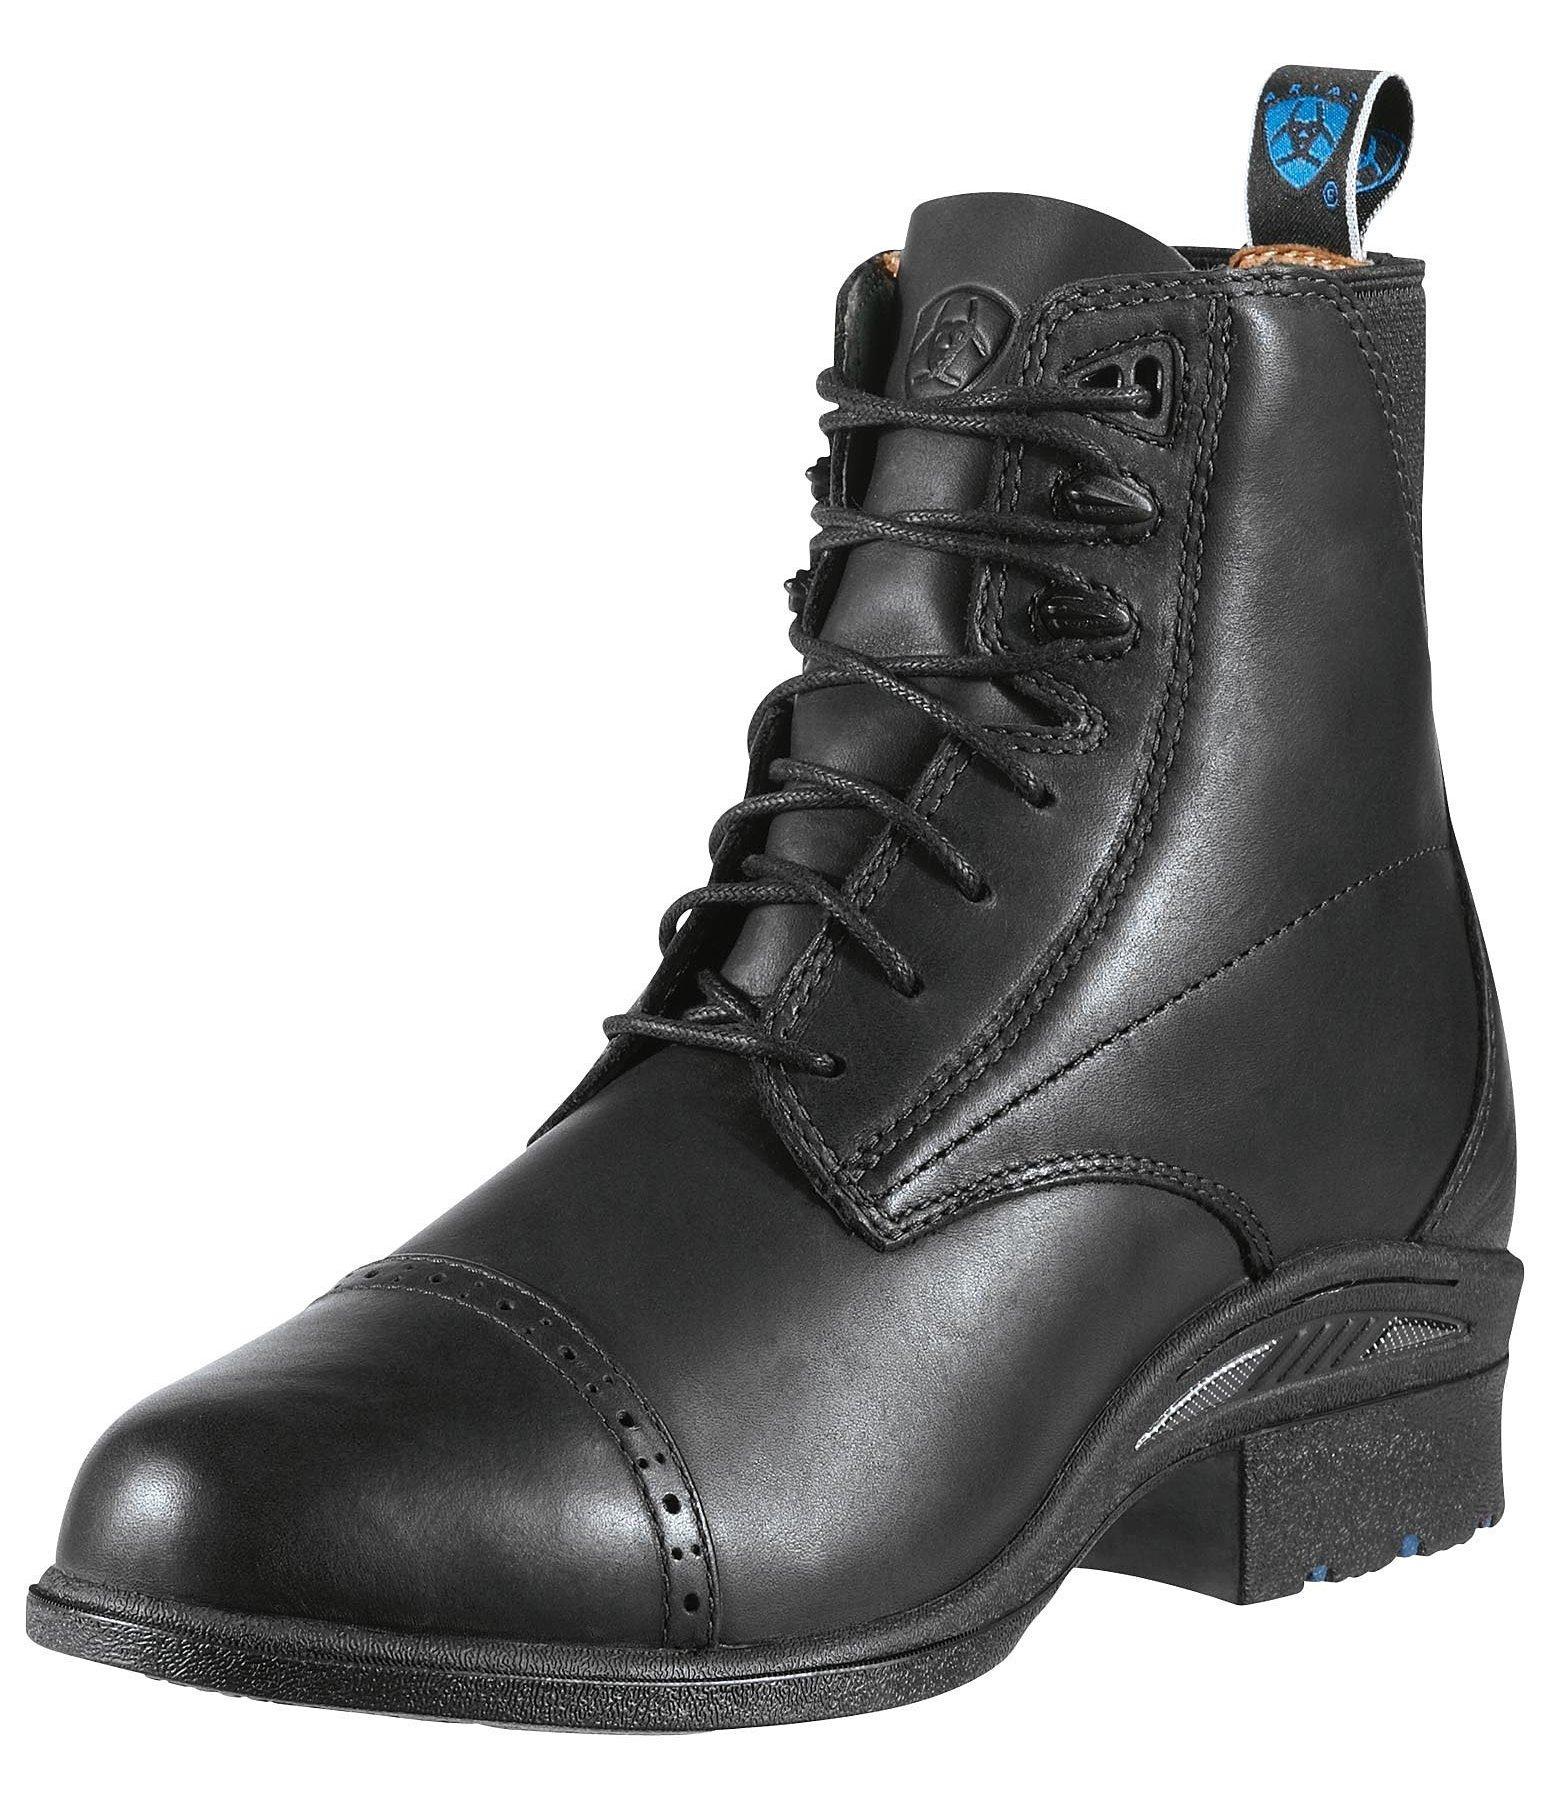 Men's Paddock Boots Cobalt VX Performer Pro - Jodhpur Boots ...